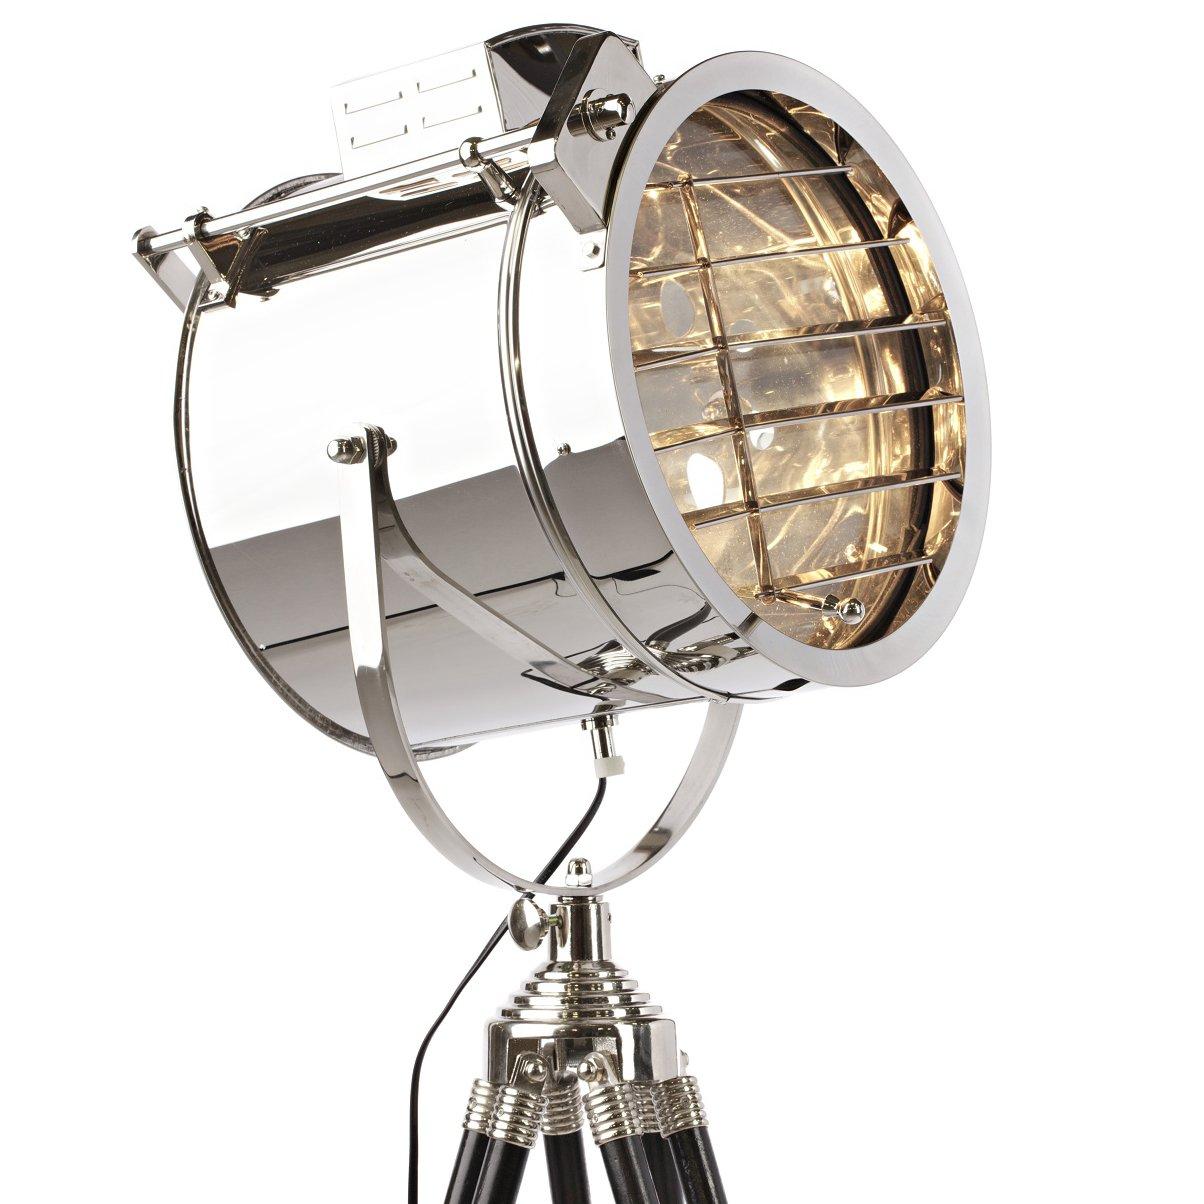 Большой напольный светильник HudsonТоршеры и напольные светильники<br>Сталь, деревянные ножки<br><br>Цвет: Серебро, Чёрный<br>Материал: Металл, Дерево<br>Вес кг: 6,5<br>Длина см: 52<br>Ширина см: 52<br>Высота см: 123